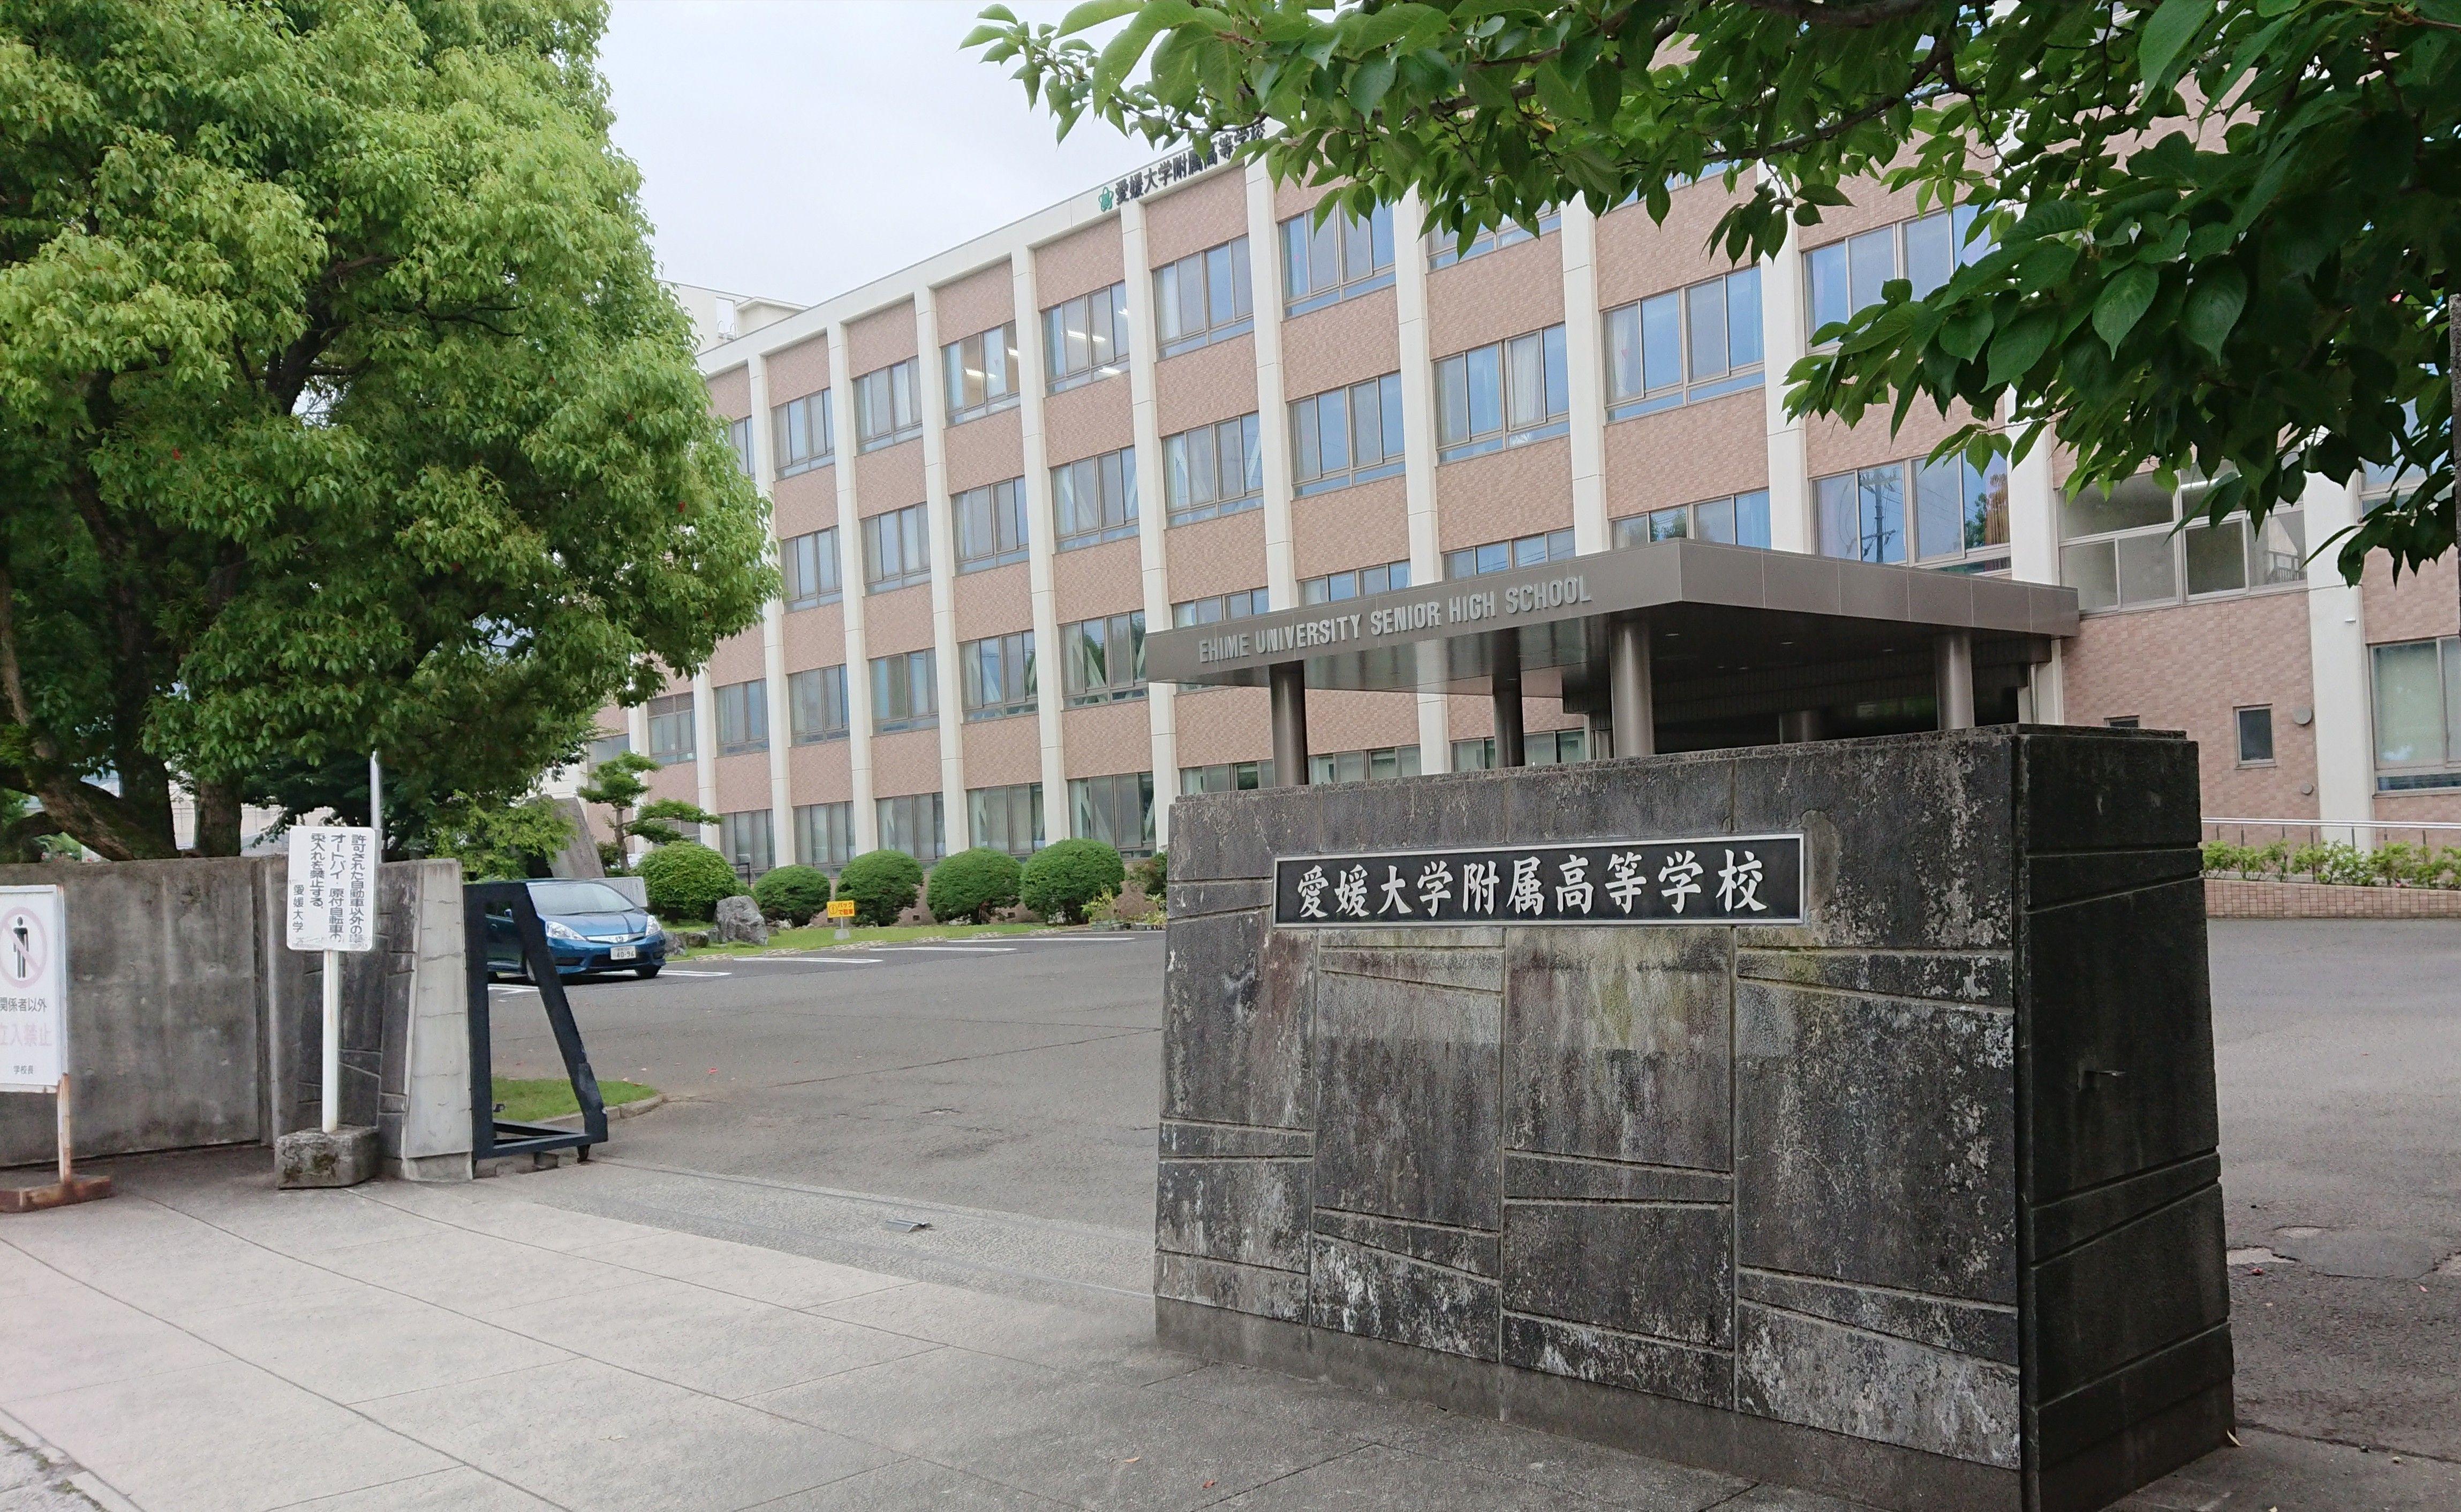 松山 中央 高校 ホームページ